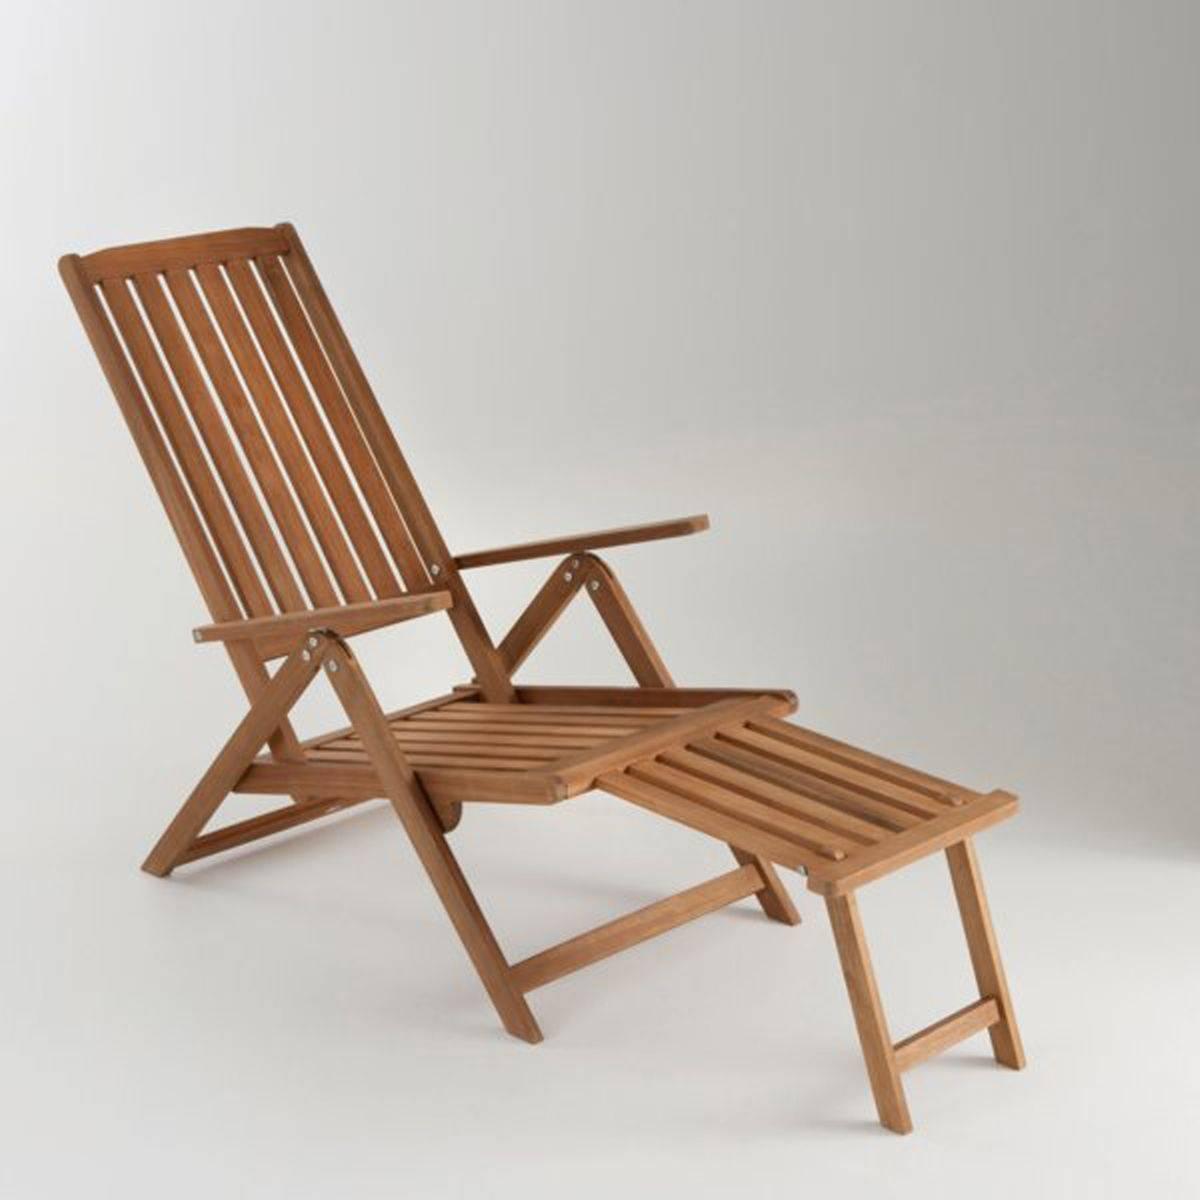 La Redoute Chaise longue de jardin 5 positions acacia - LA REDOUTE INTERIEURS